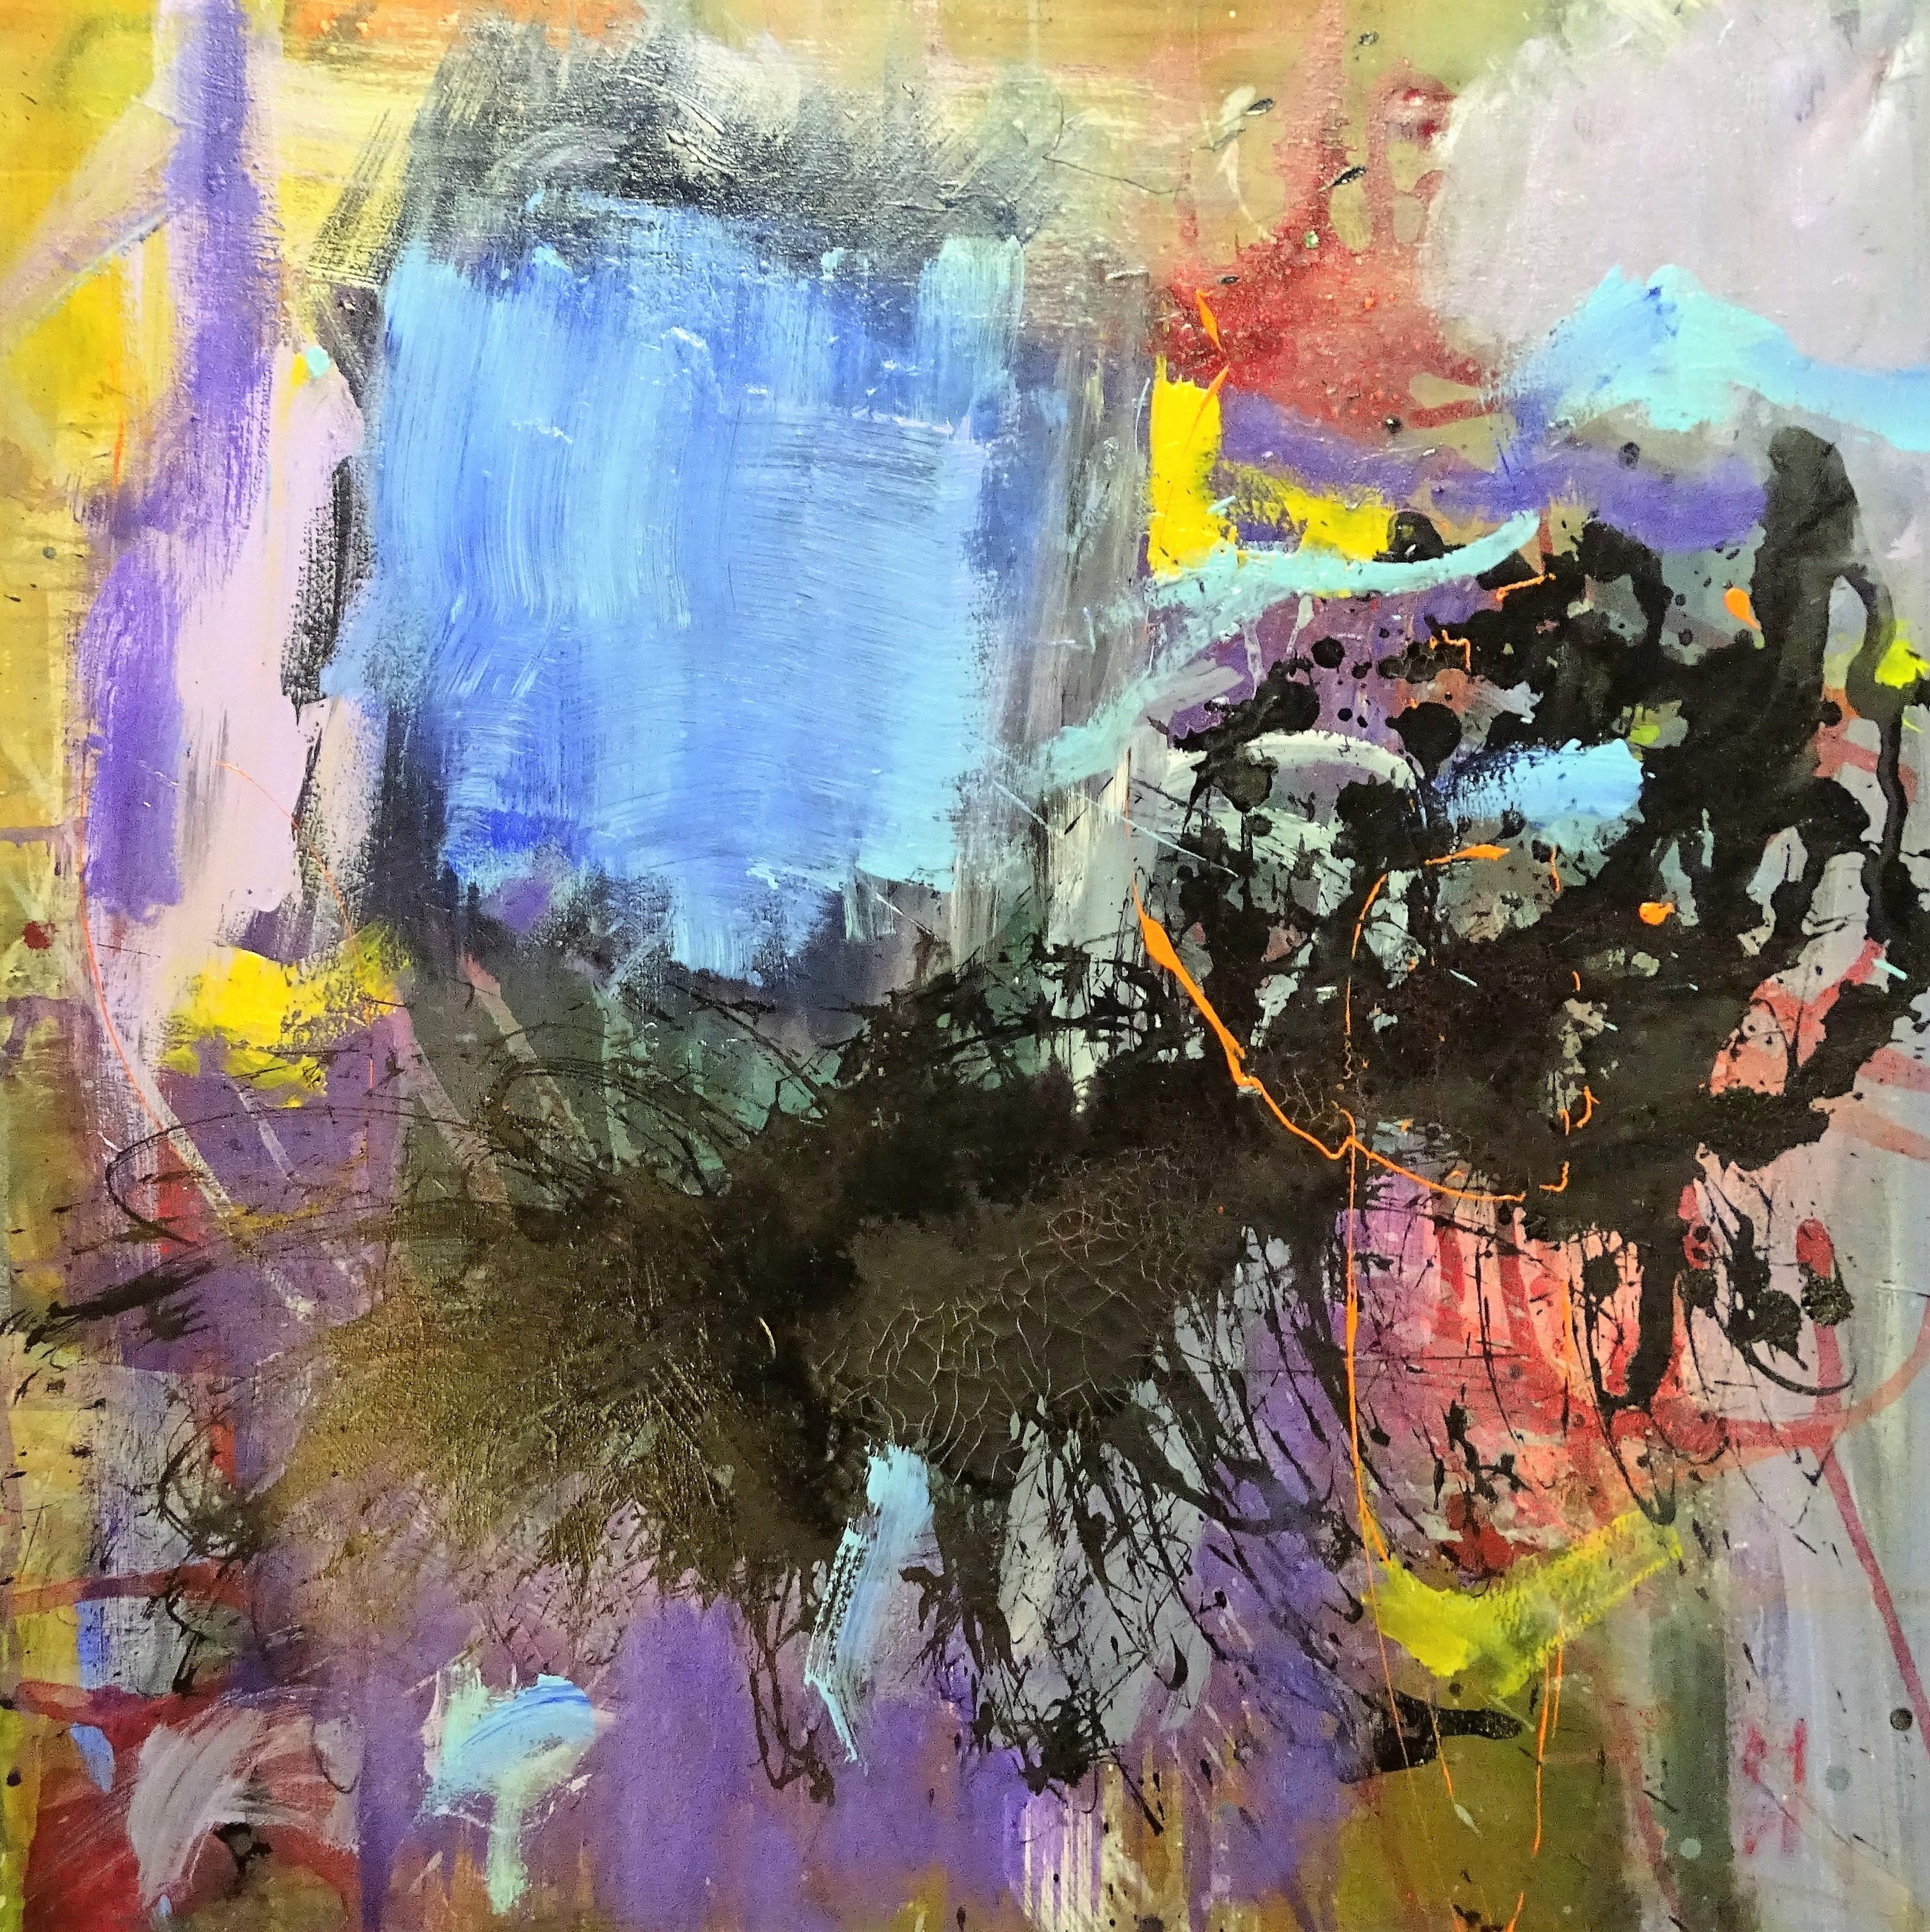 Crystal clear   -  acrylic on canvas 80x80 cm